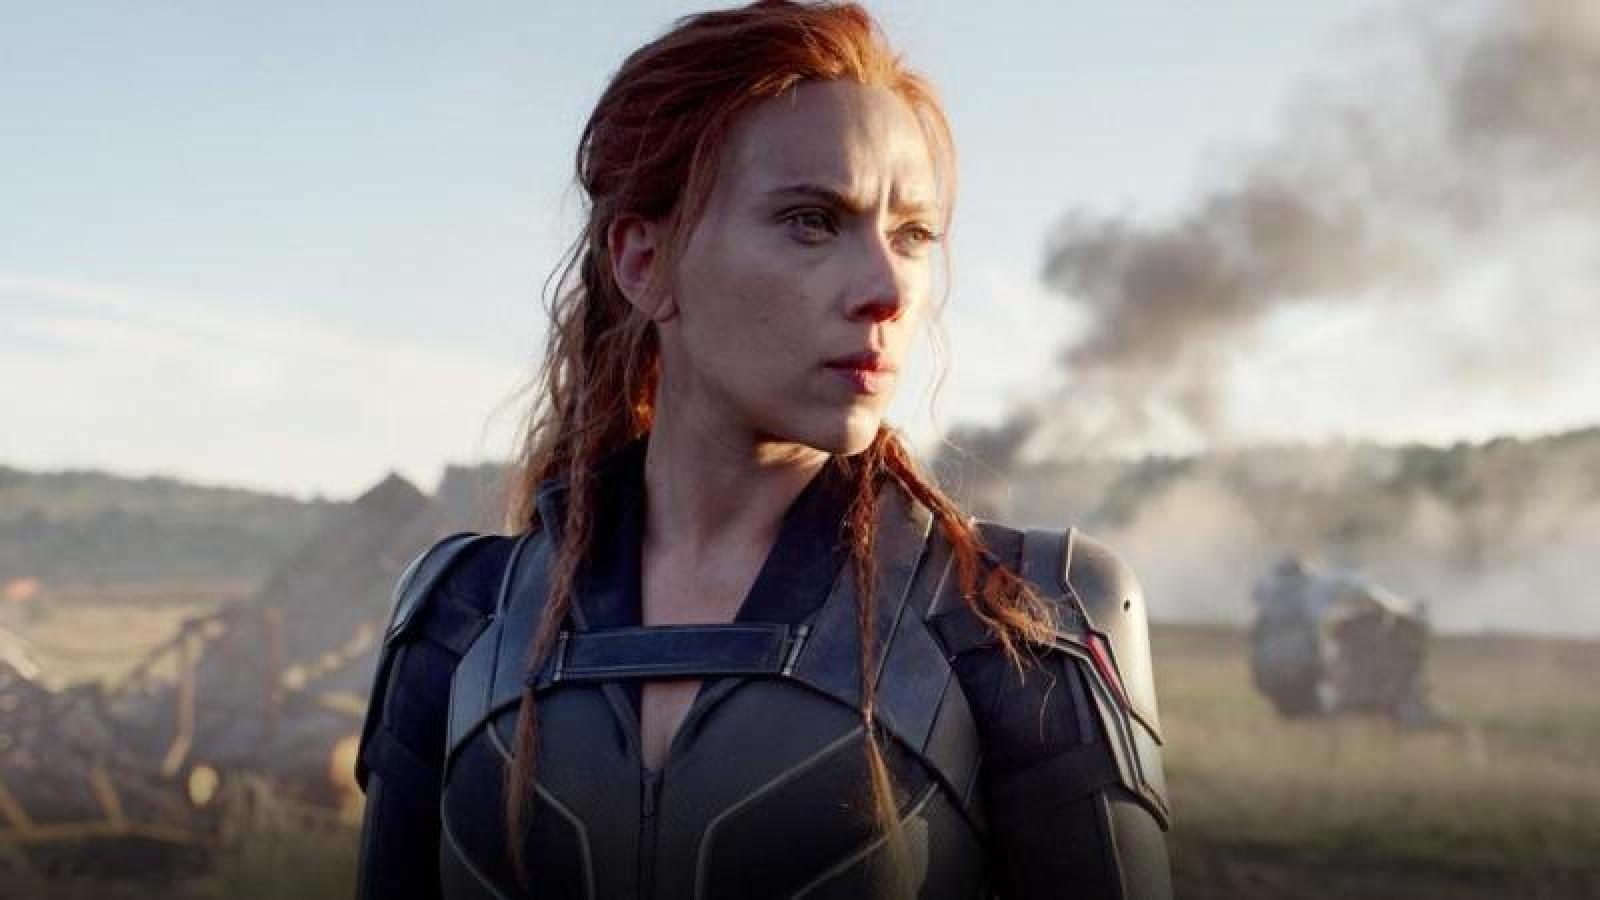 """Bom tấn Marvel """"Black Widow"""" mở màn rực rỡ với doanh thu 215 triệu USD"""